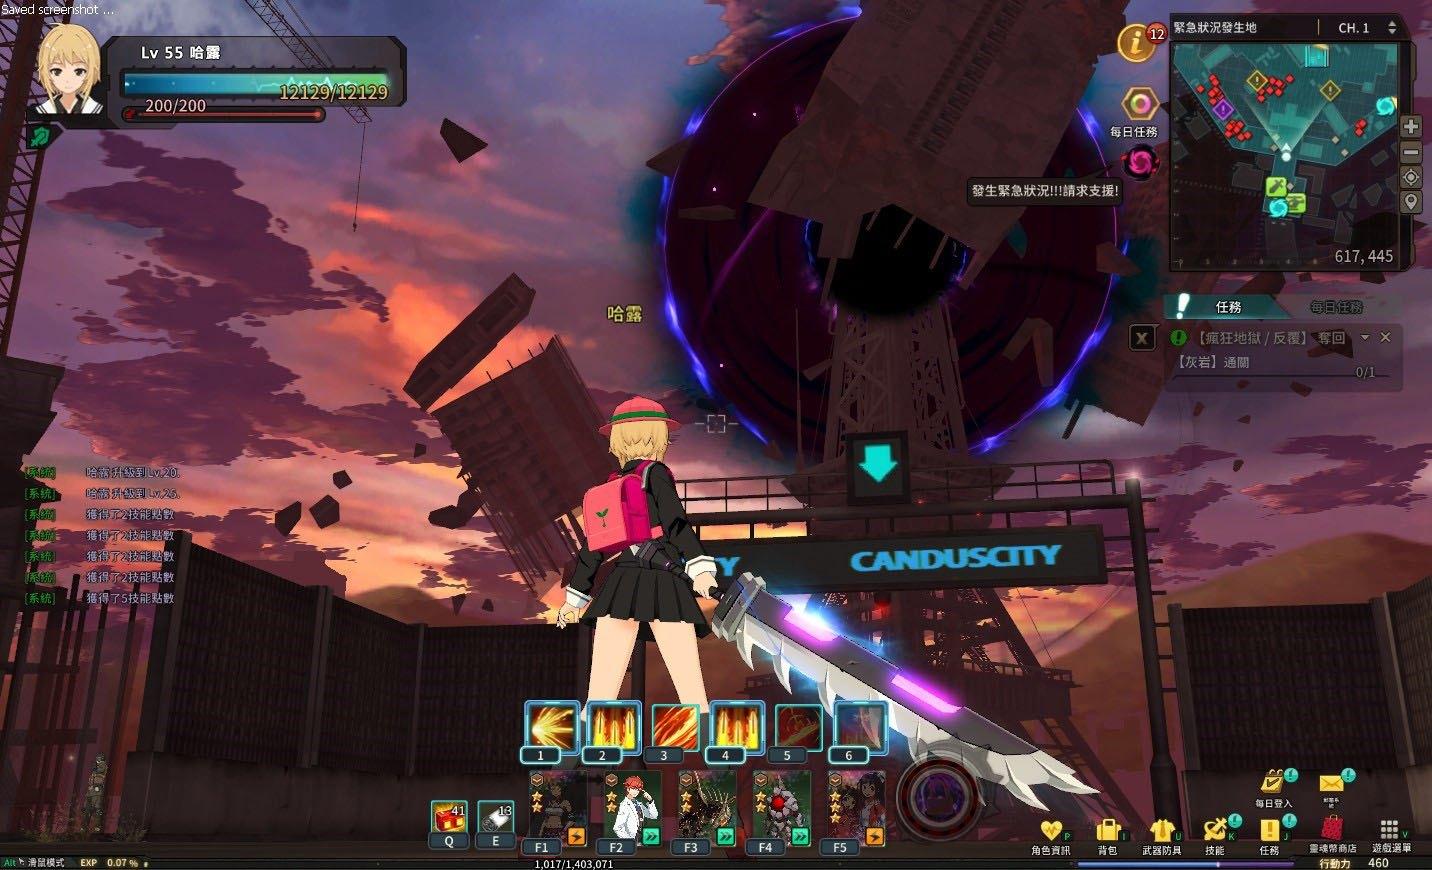 ★世界BOSS「虛空君主」登場,玩家只要按下地圖上「緊急狀況」的按鈕即可加入戰事。